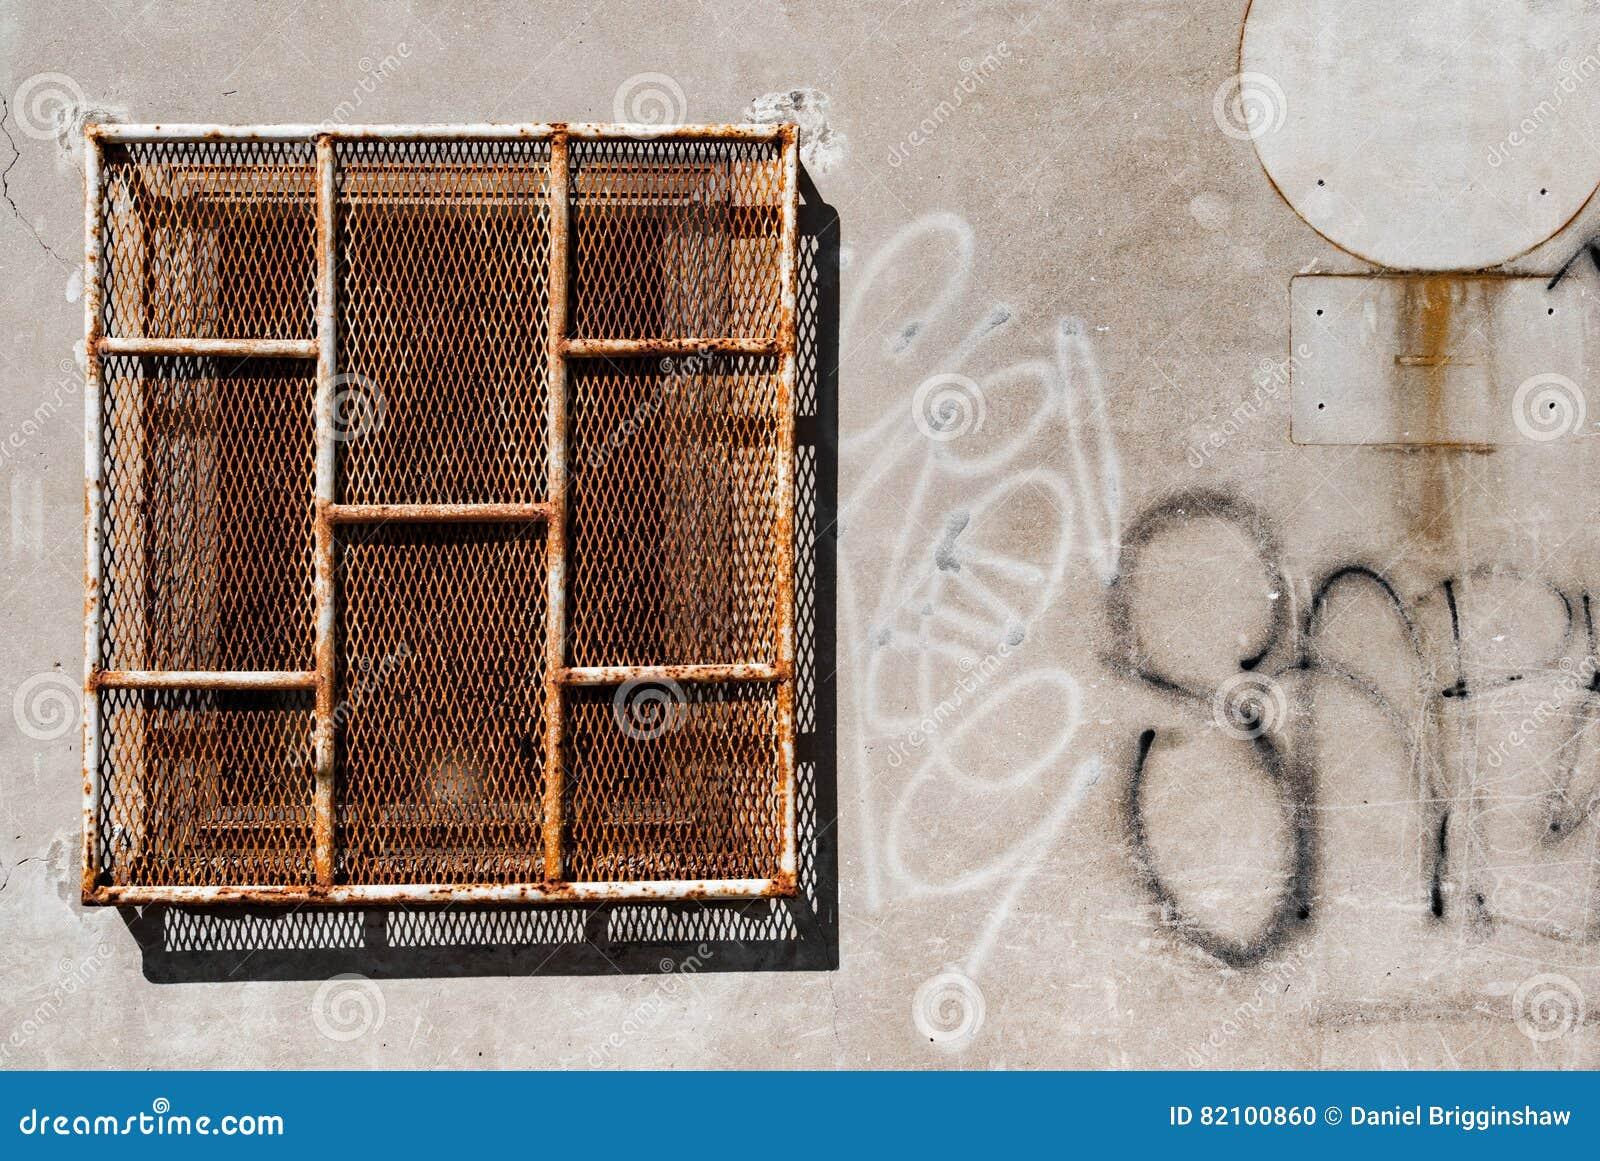 Rusty Prison Window